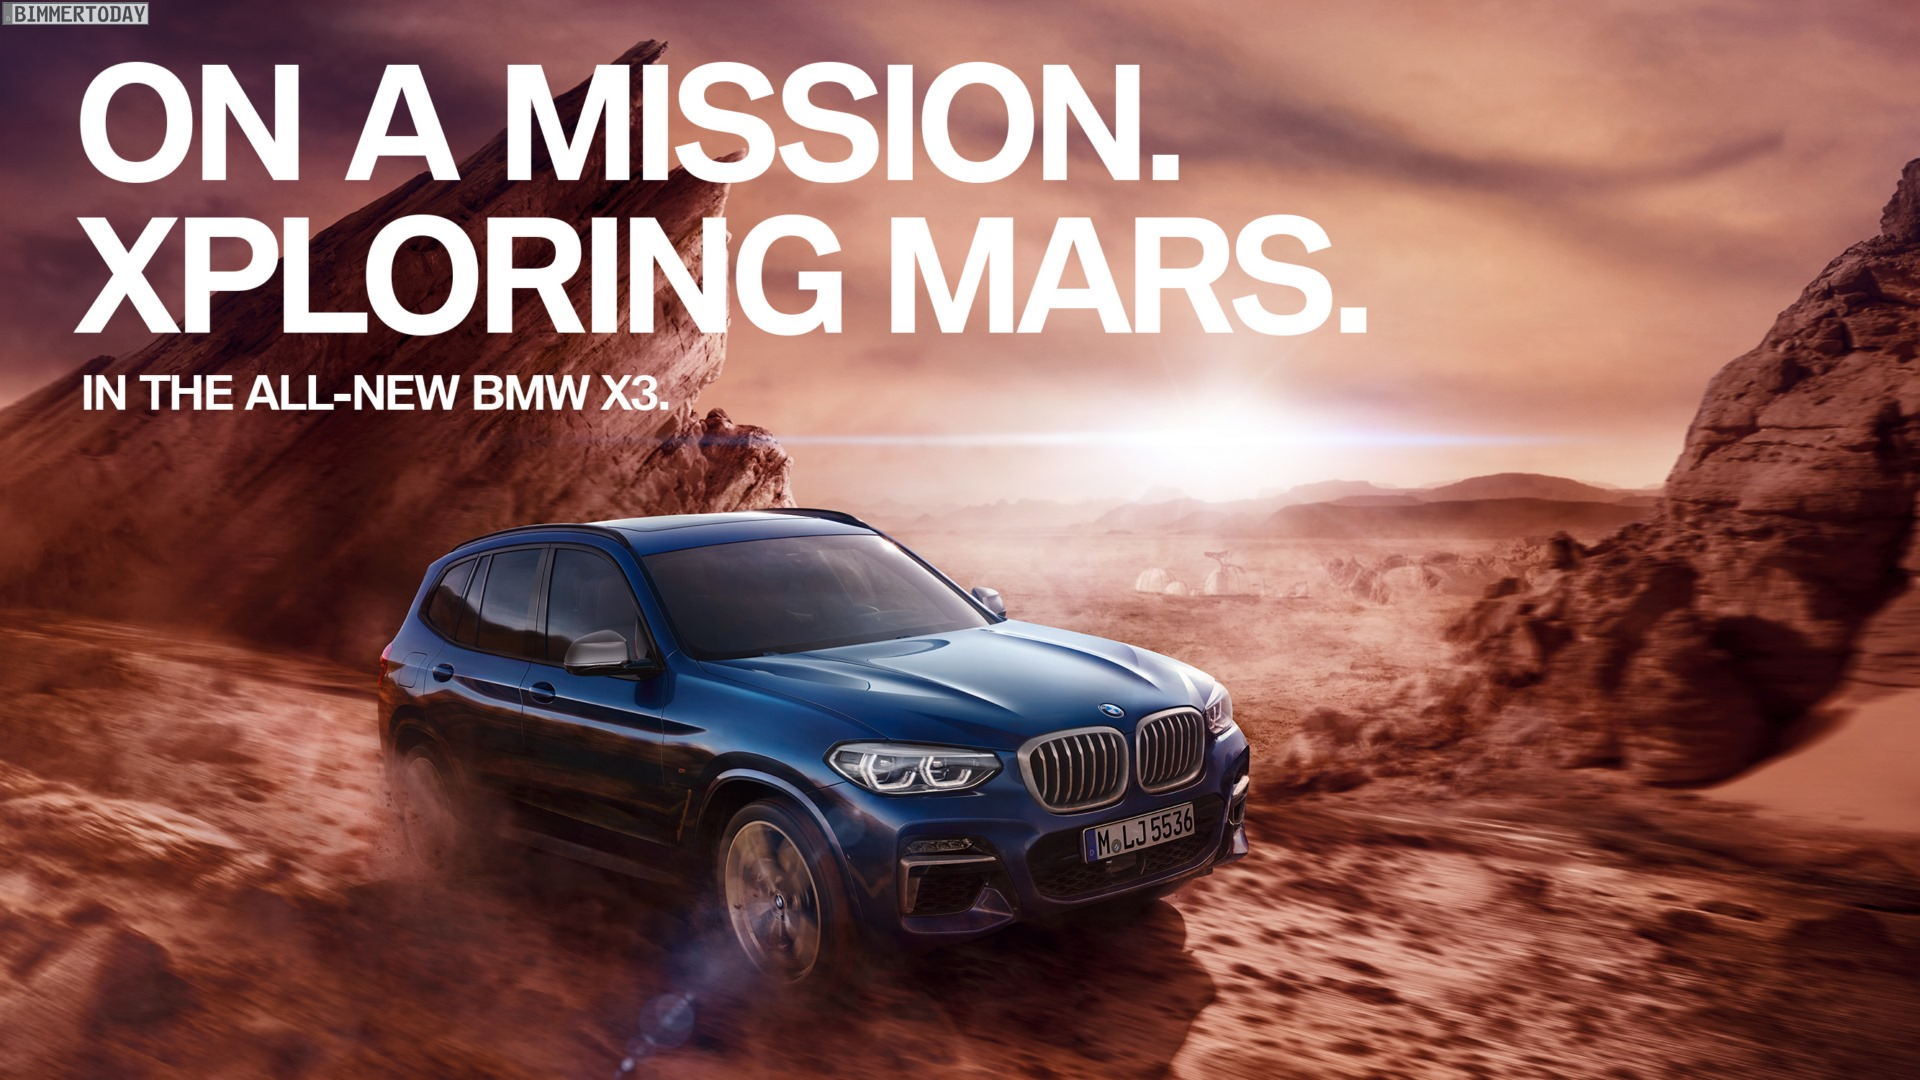 BMW X3 G01 Werbung: Im SUV auf dem Weg zum Mars